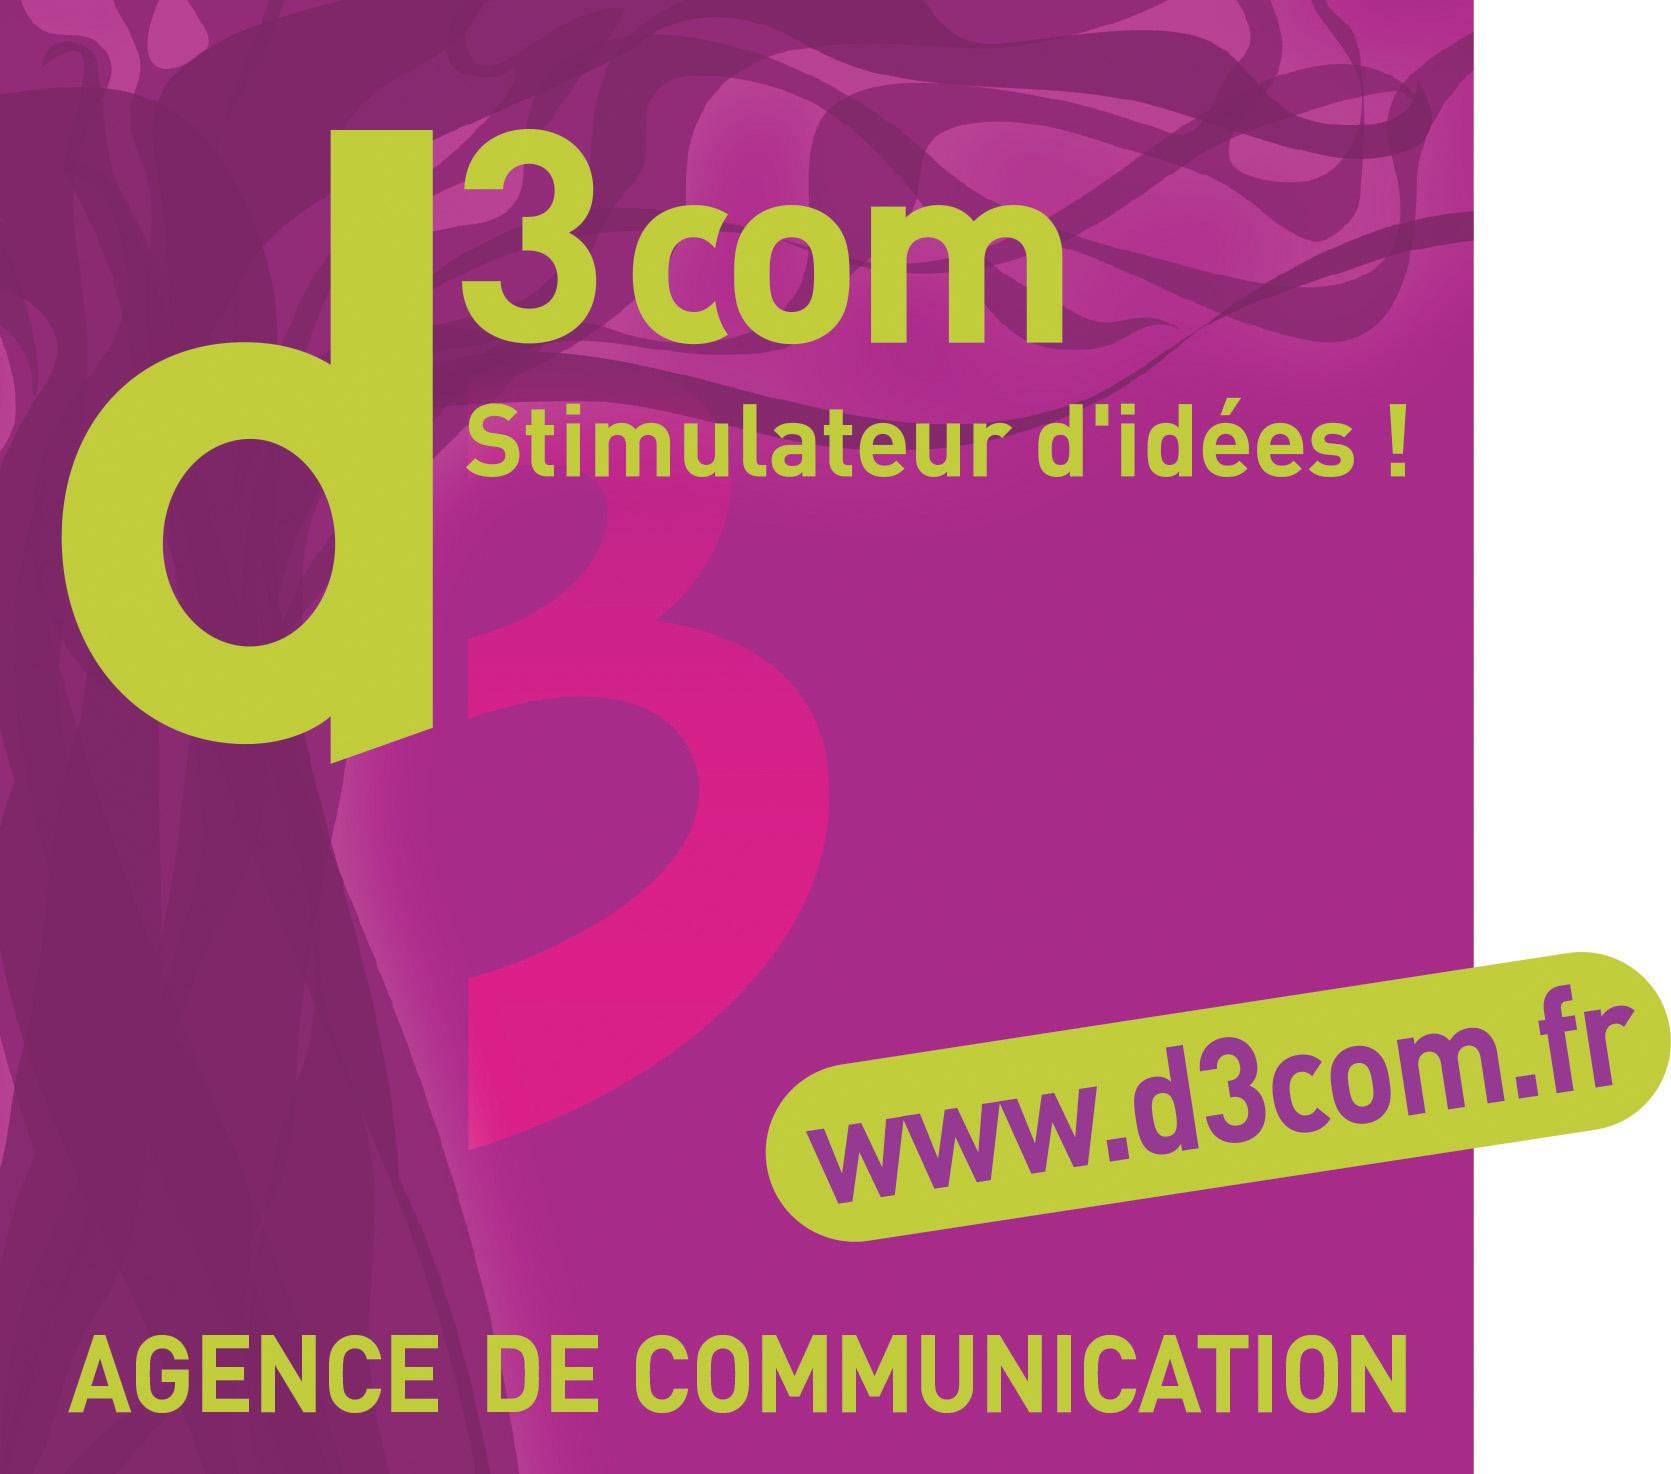 d3com